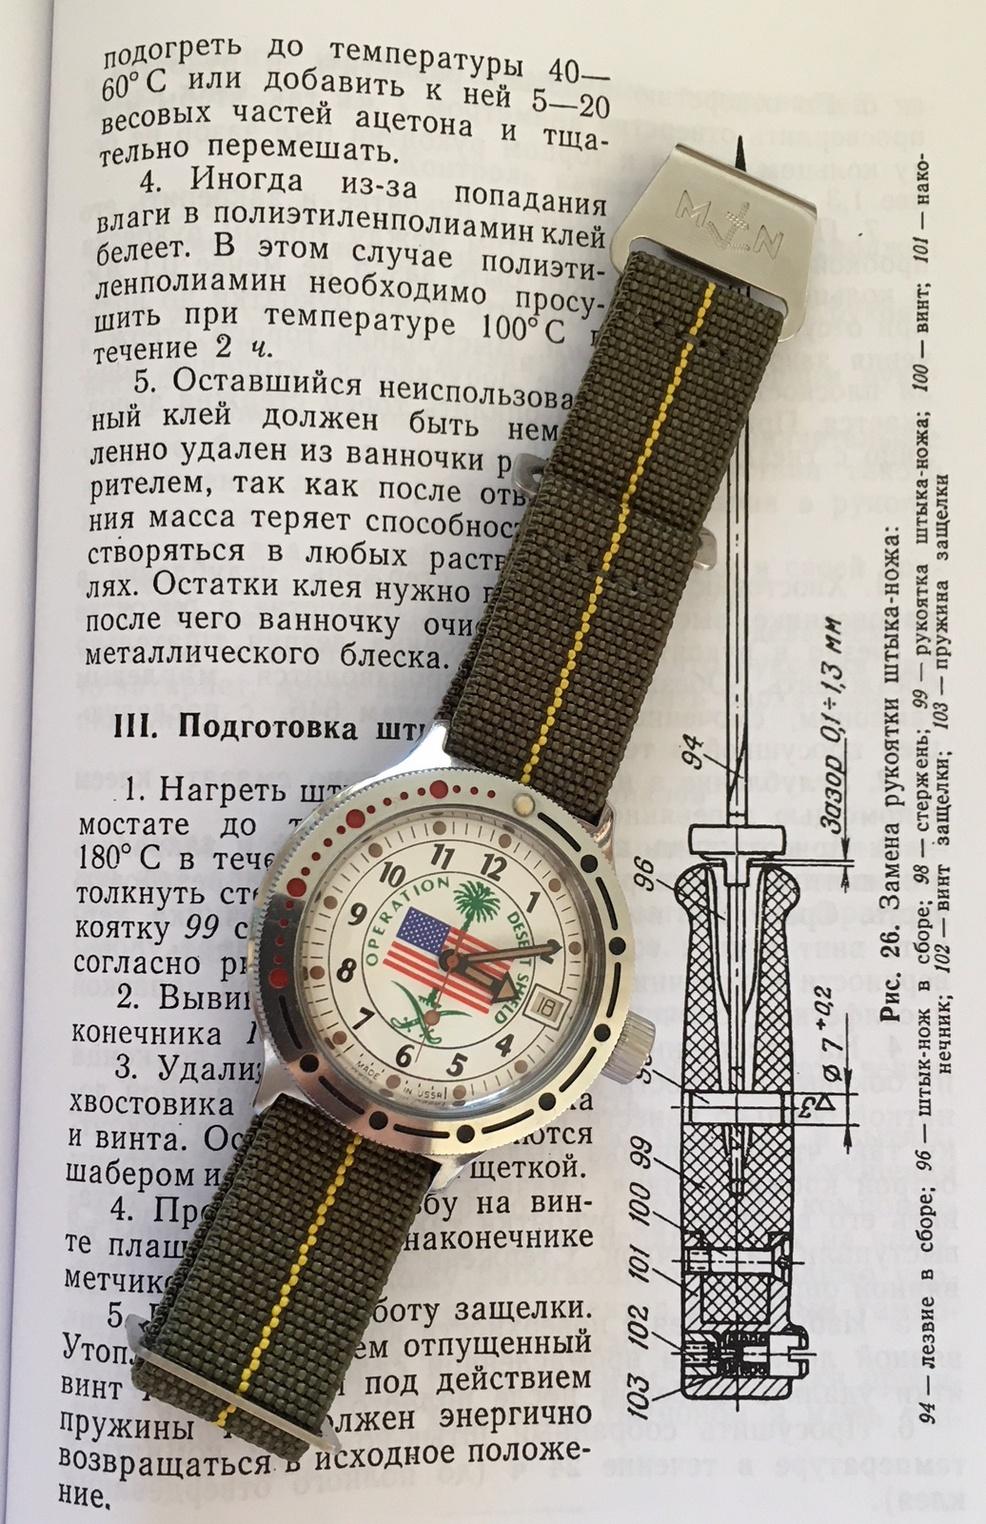 Nos montres avec un objet russe ou soviétique - Page 2 Img_1227